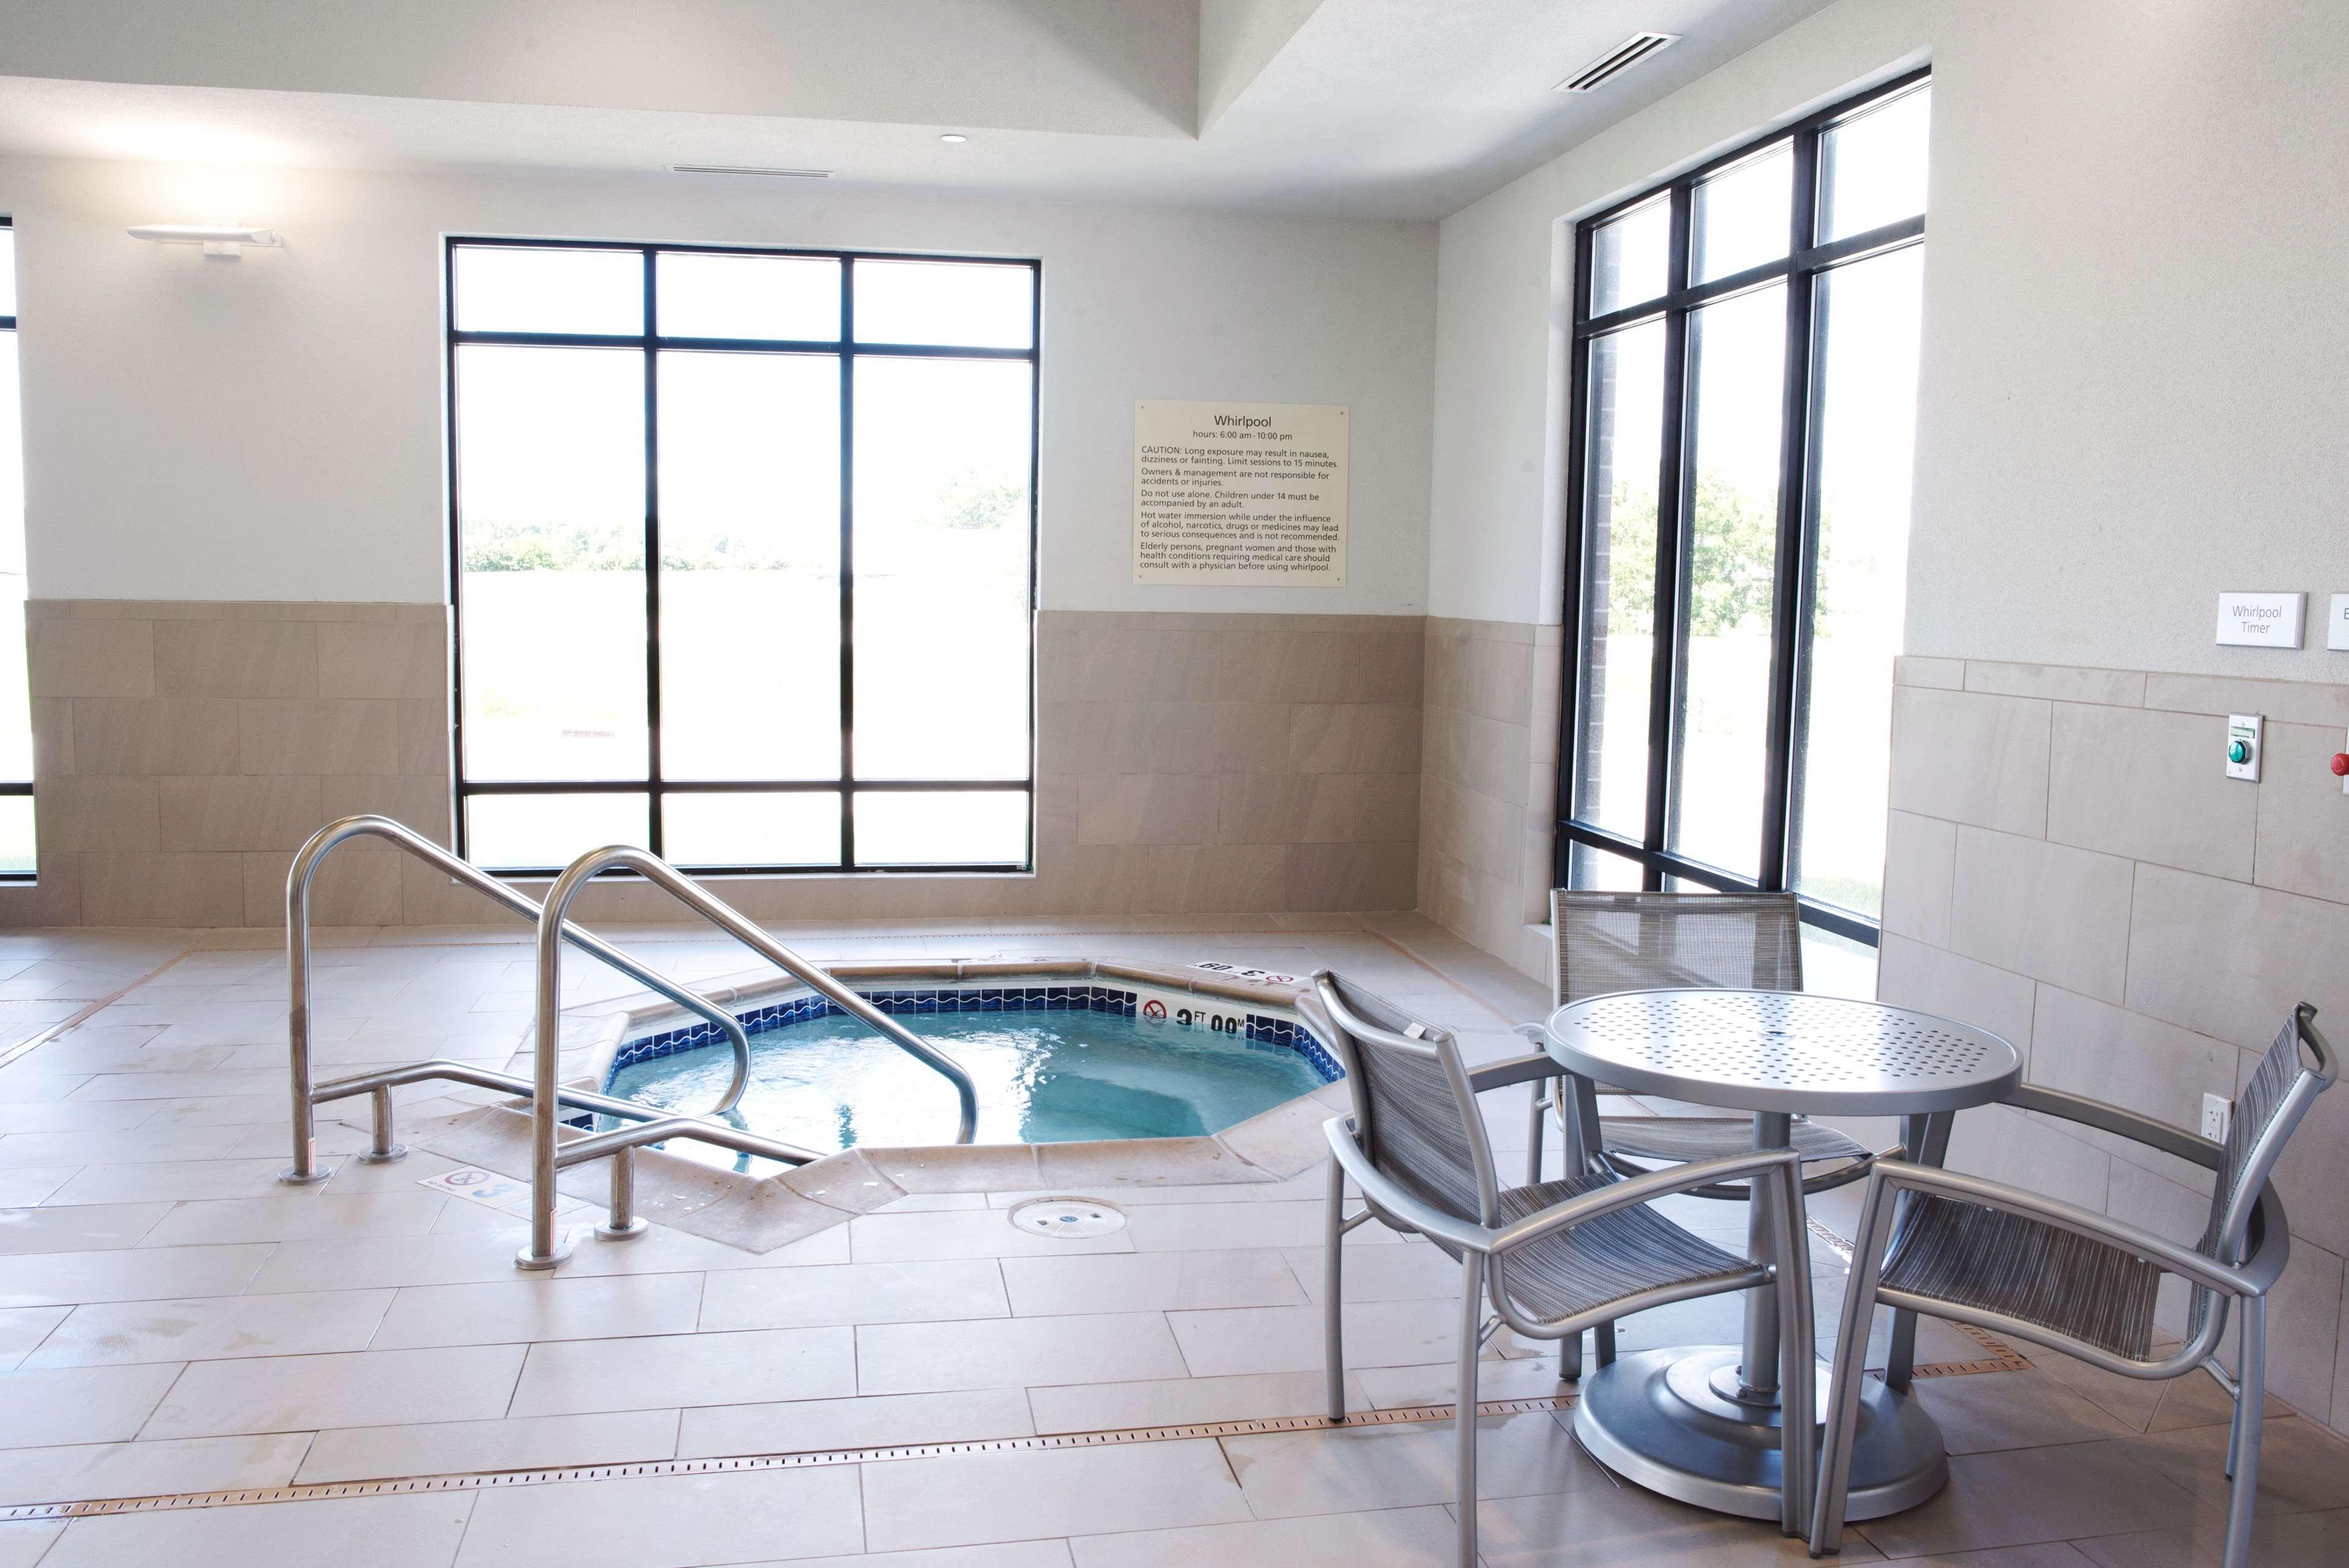 Hampton Inn & Suites Des Moines/Urbandale image 43